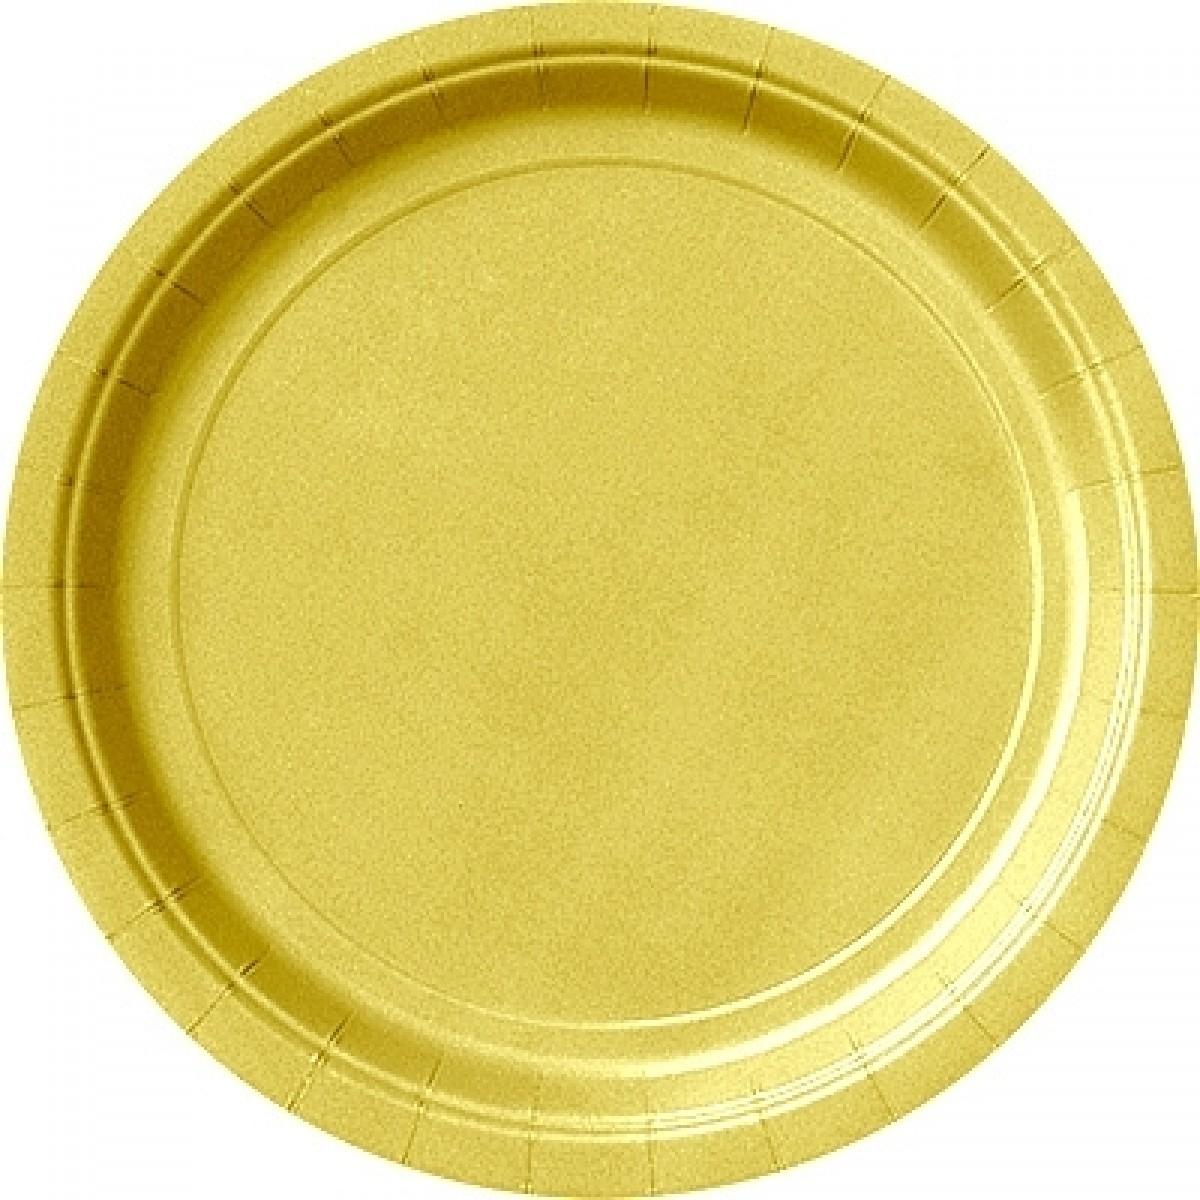 Pappteller gold g nstige preis for Pappteller gold